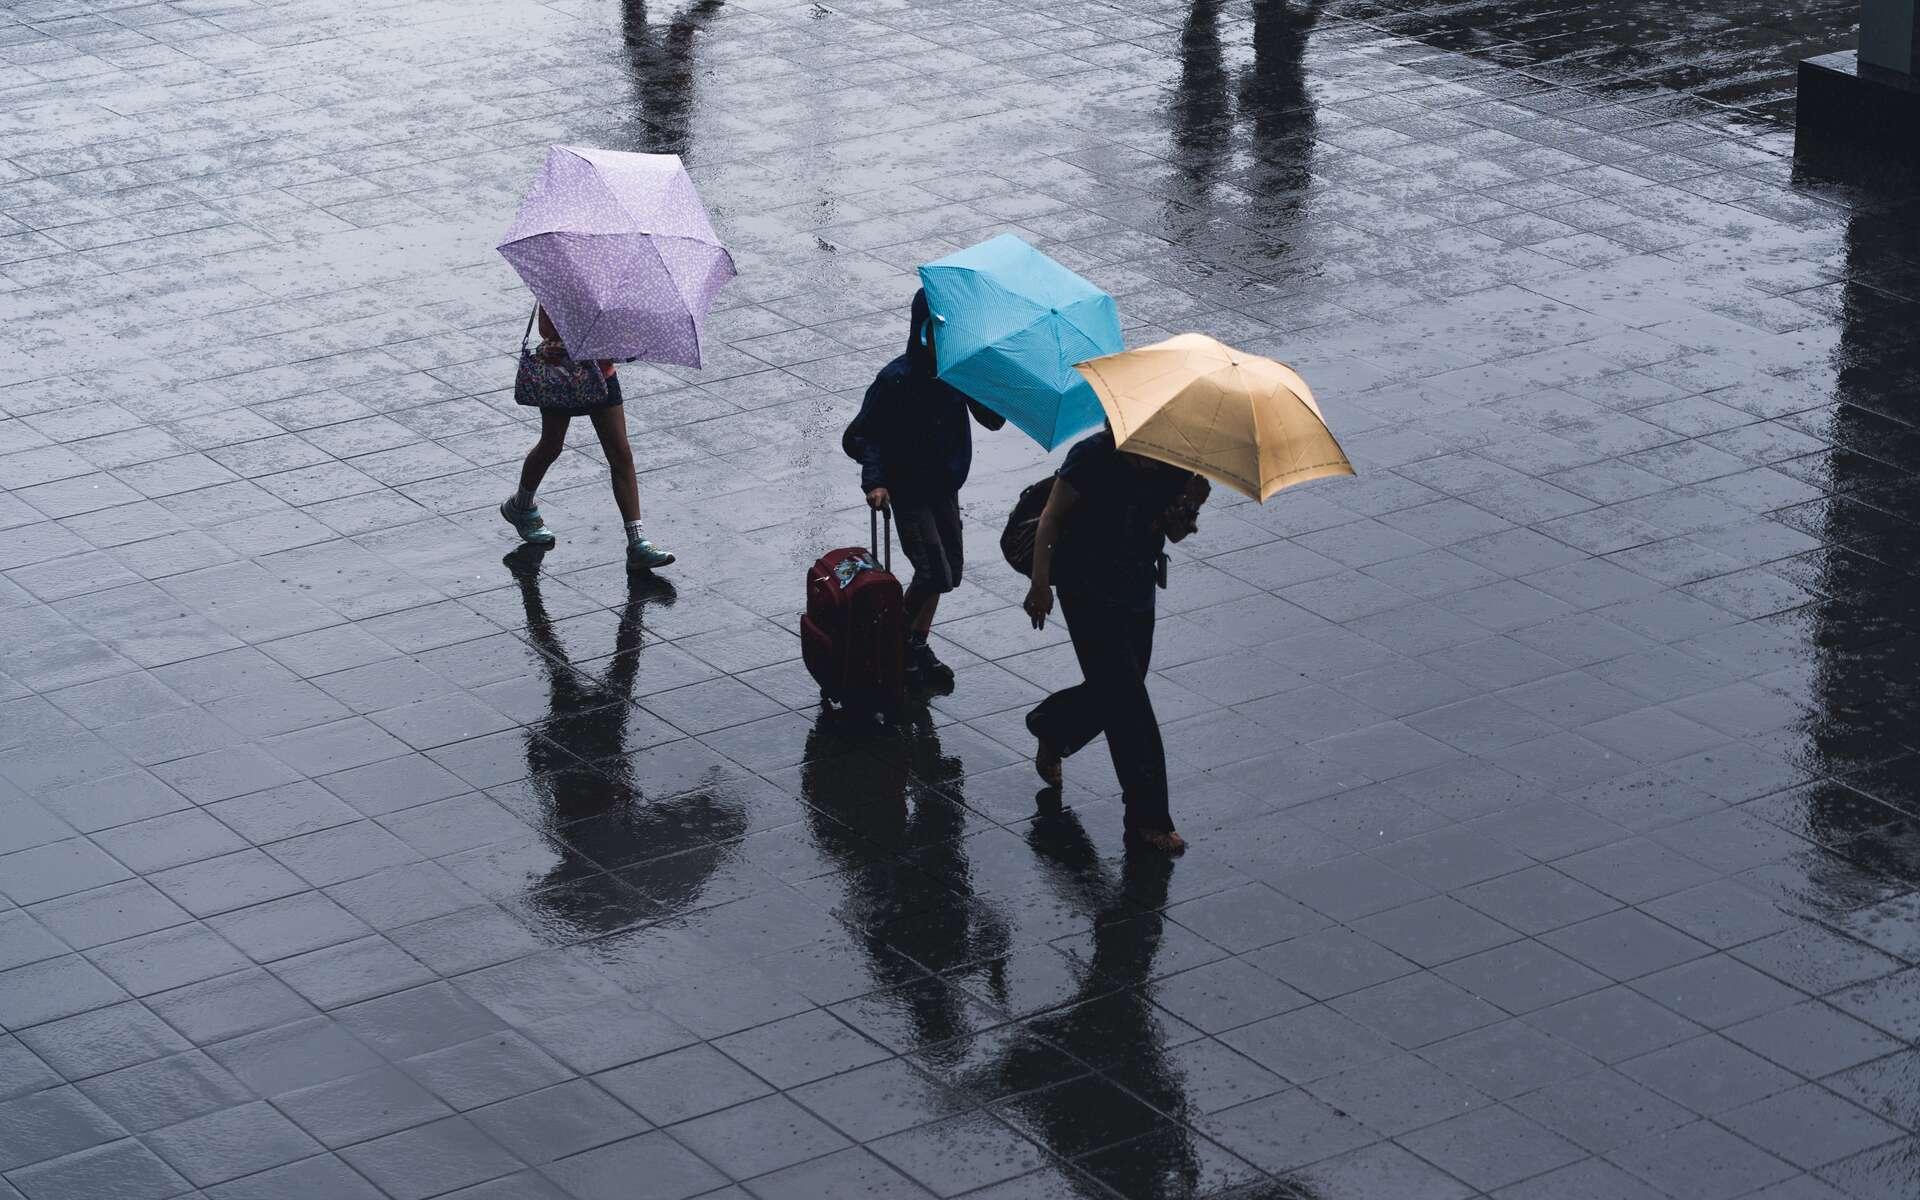 L'équivalent de plusieurs mois de pluie peuvent s'abattre en un endroit en quelques heures. © Ryoji Iwata, Unsplash